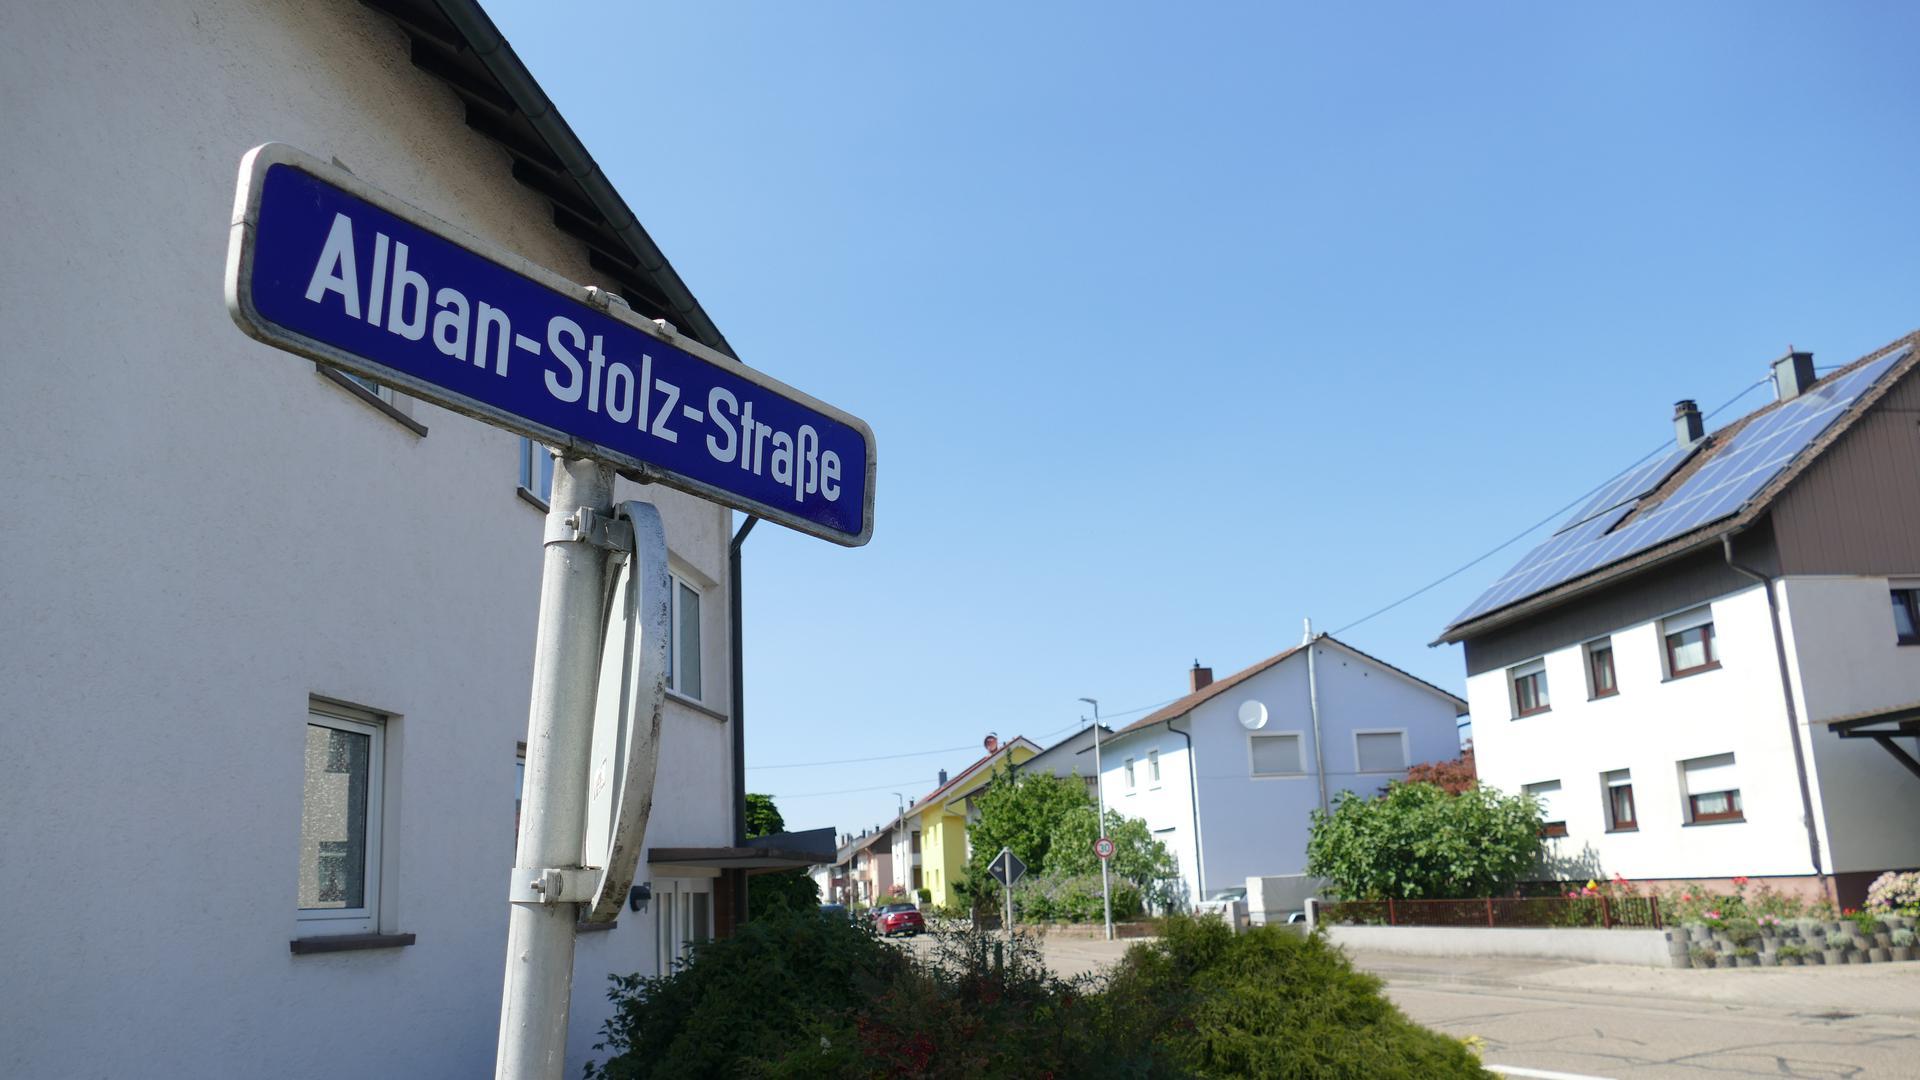 Diskussionen in Bühl, Gelassenheit in Gaggenau: Die Alban-Stolz-Straße bewegt die Gemüter in der Murgtal-Kommune kaum. In Bühl soll eine gleichnamige Straße wegen antisemitischer Werke des katholischen Theologen umbenannt werden.